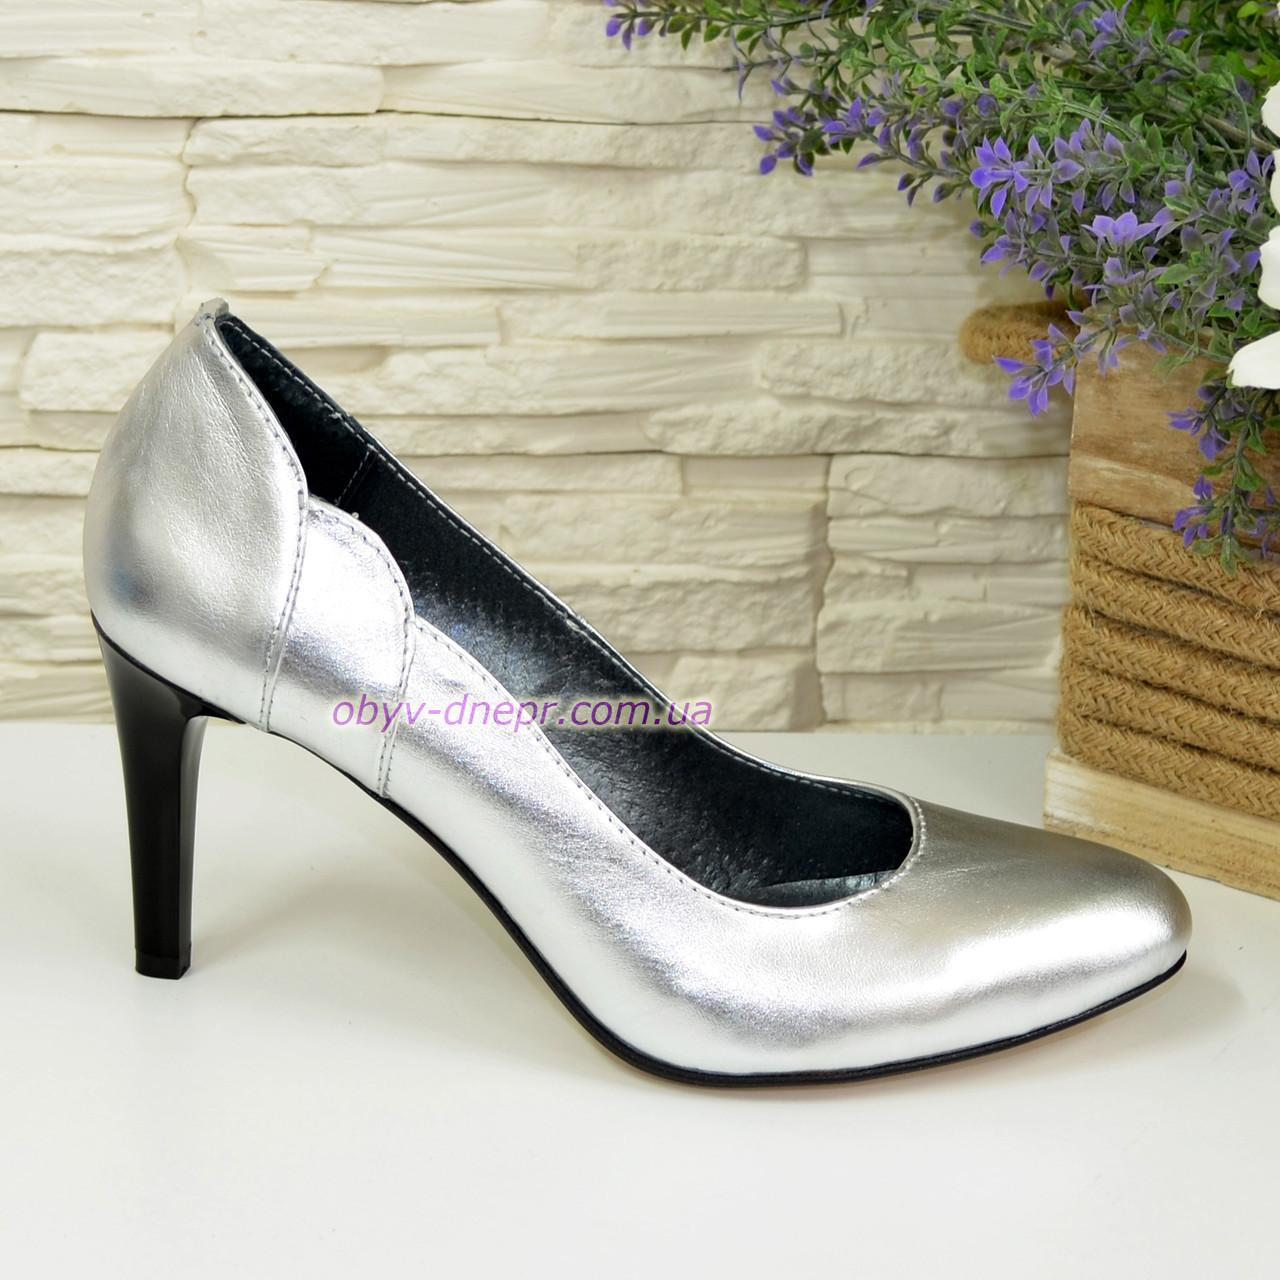 Туфли женские кожаные серебристые на шпильке